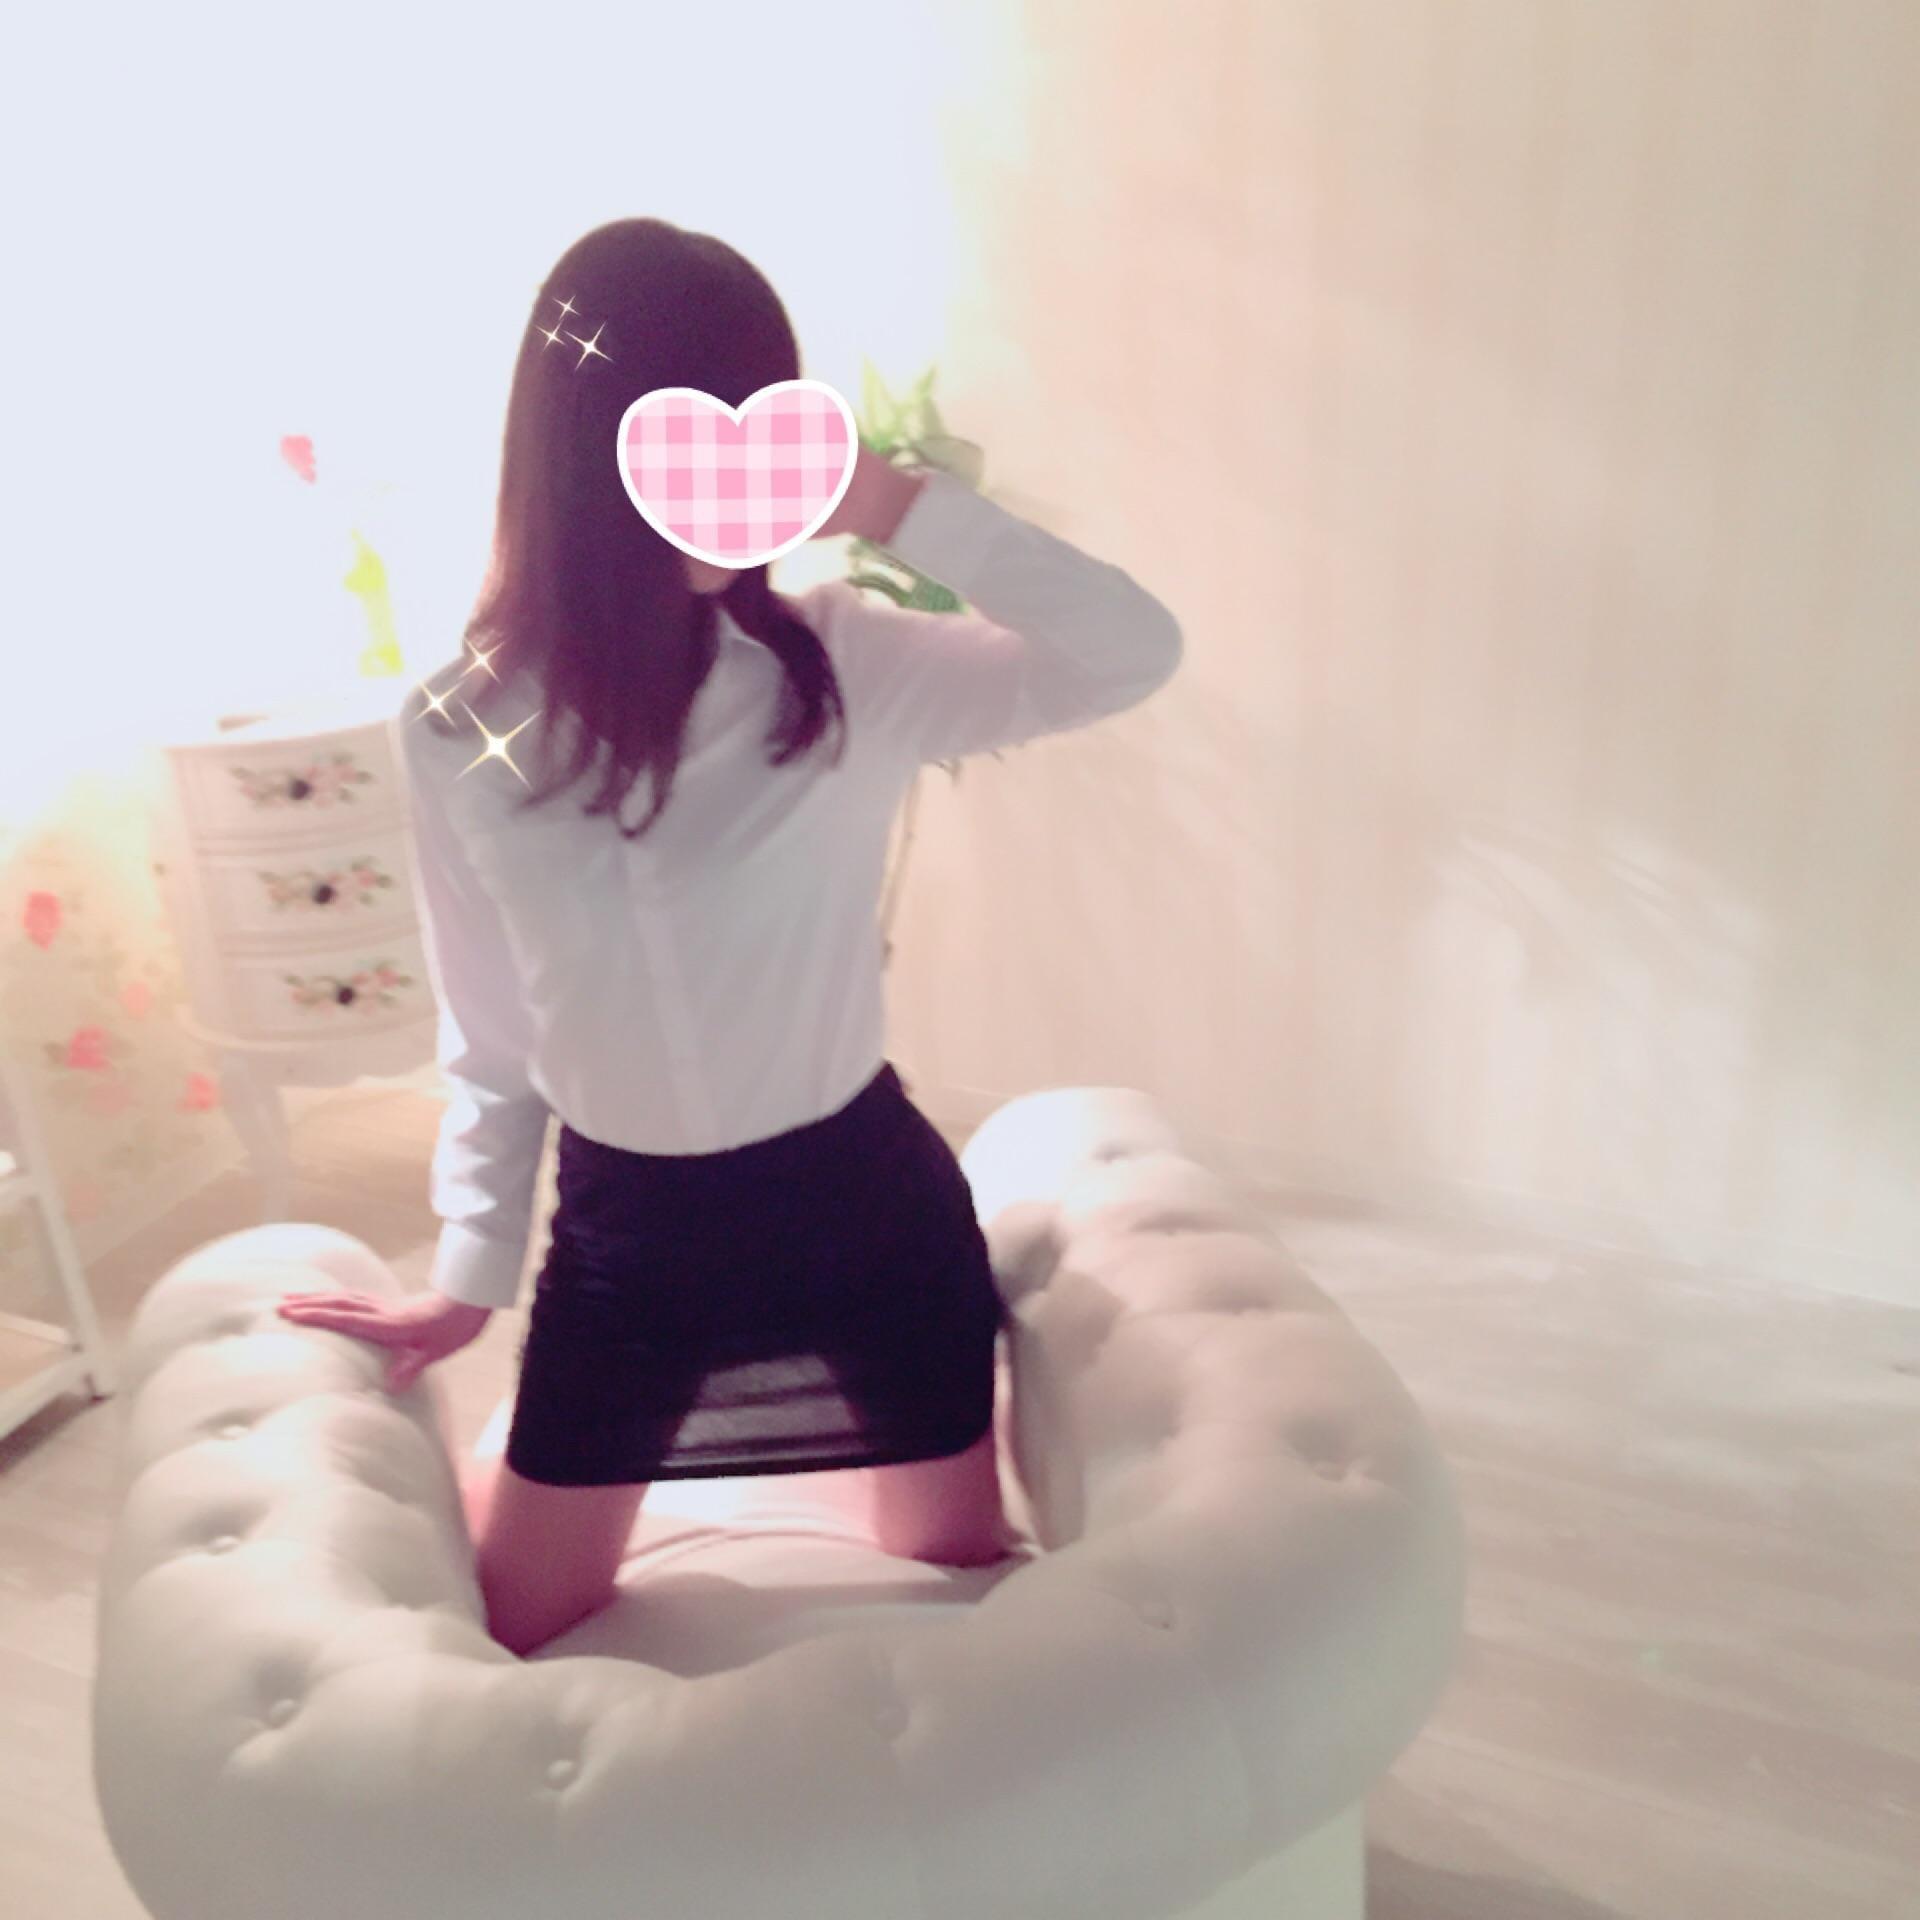 「向かってます」10/12(10/12) 21:55 | 吉原 アンナの写メ・風俗動画